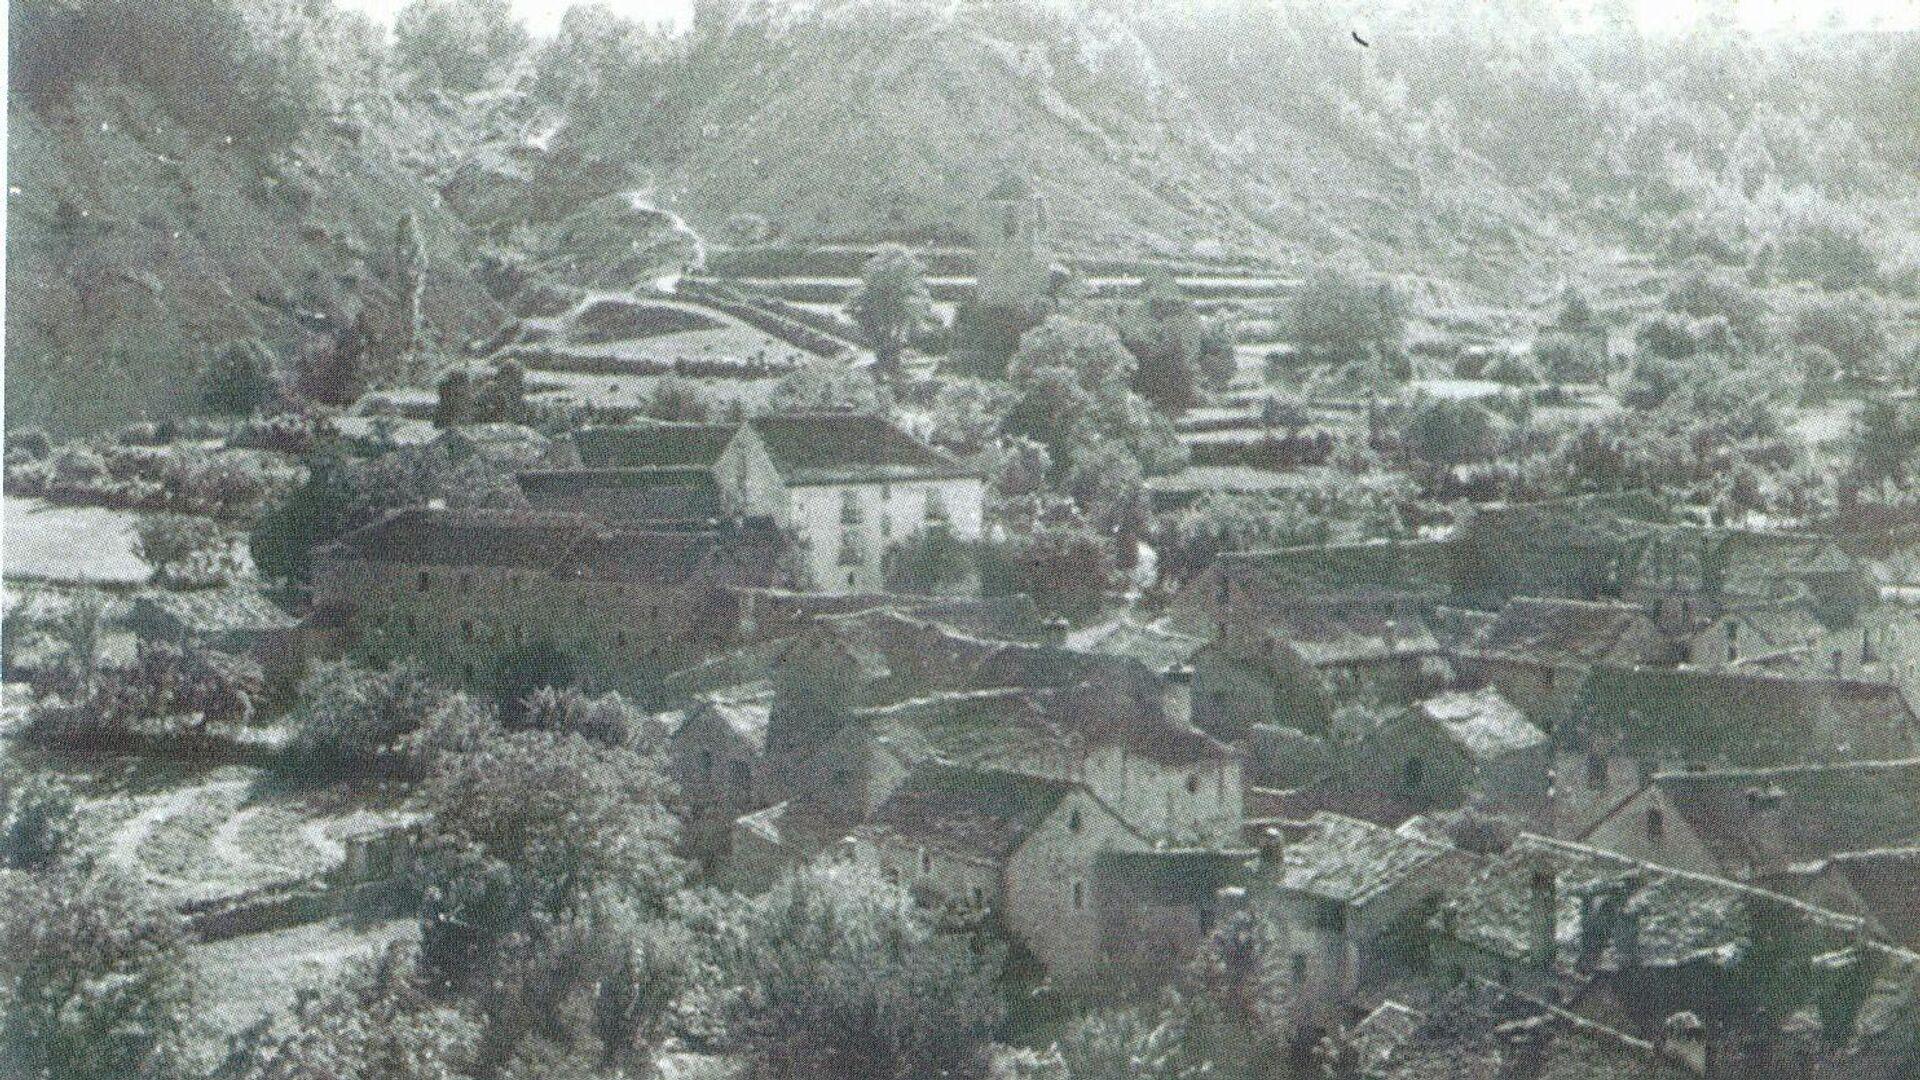 Jánovas (Huesca) - Sputnik Mundo, 1920, 22.04.2021